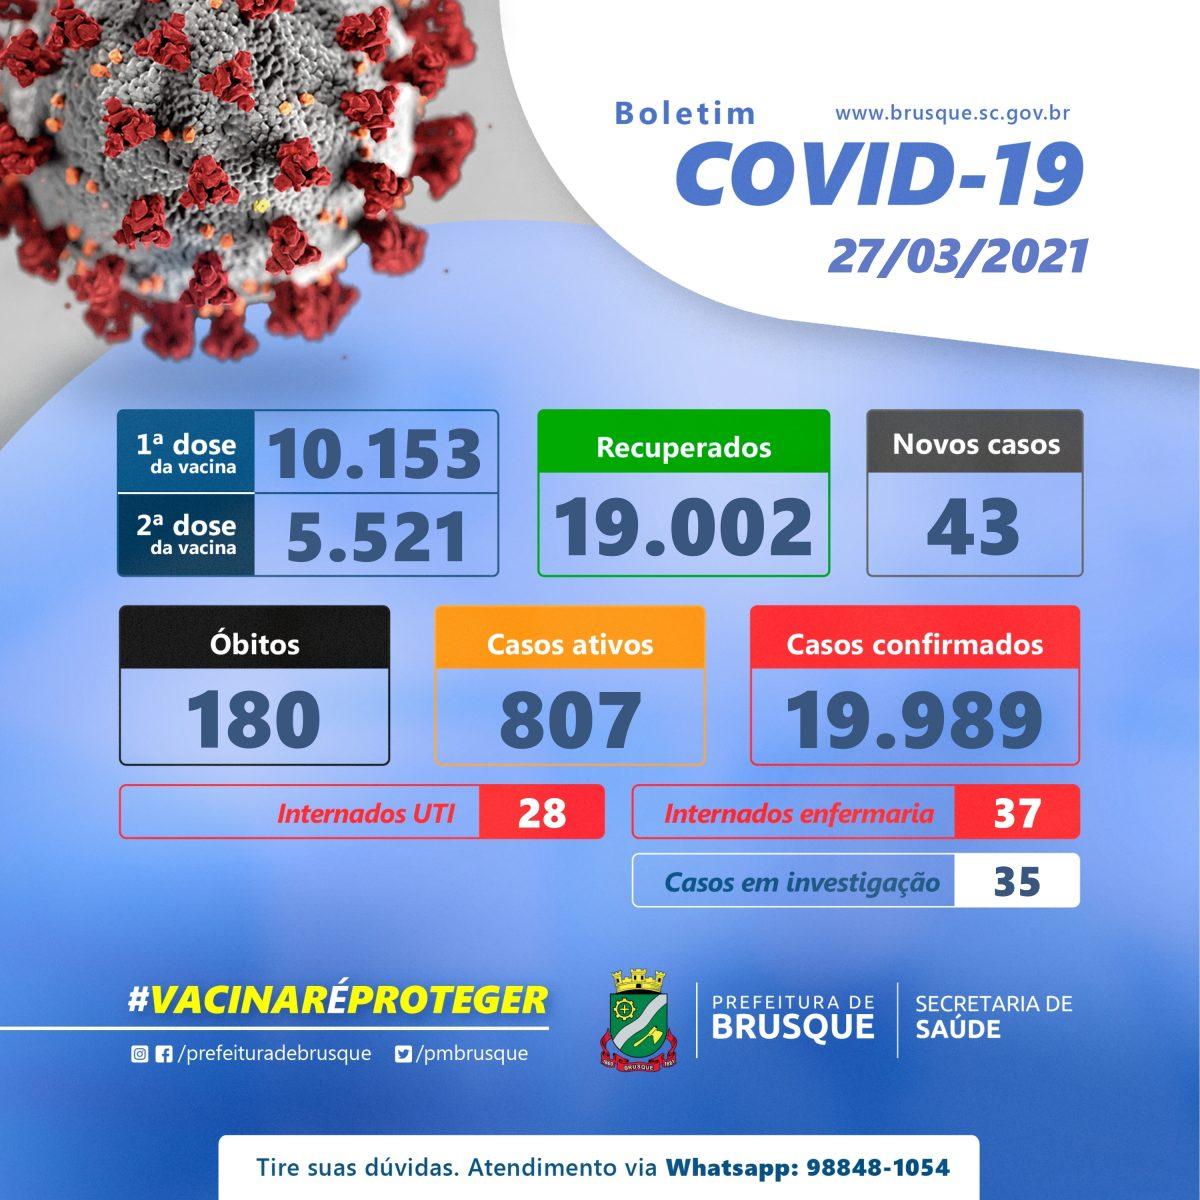 Covid-19: Confira o boletim epidemiológico deste sábado (27)